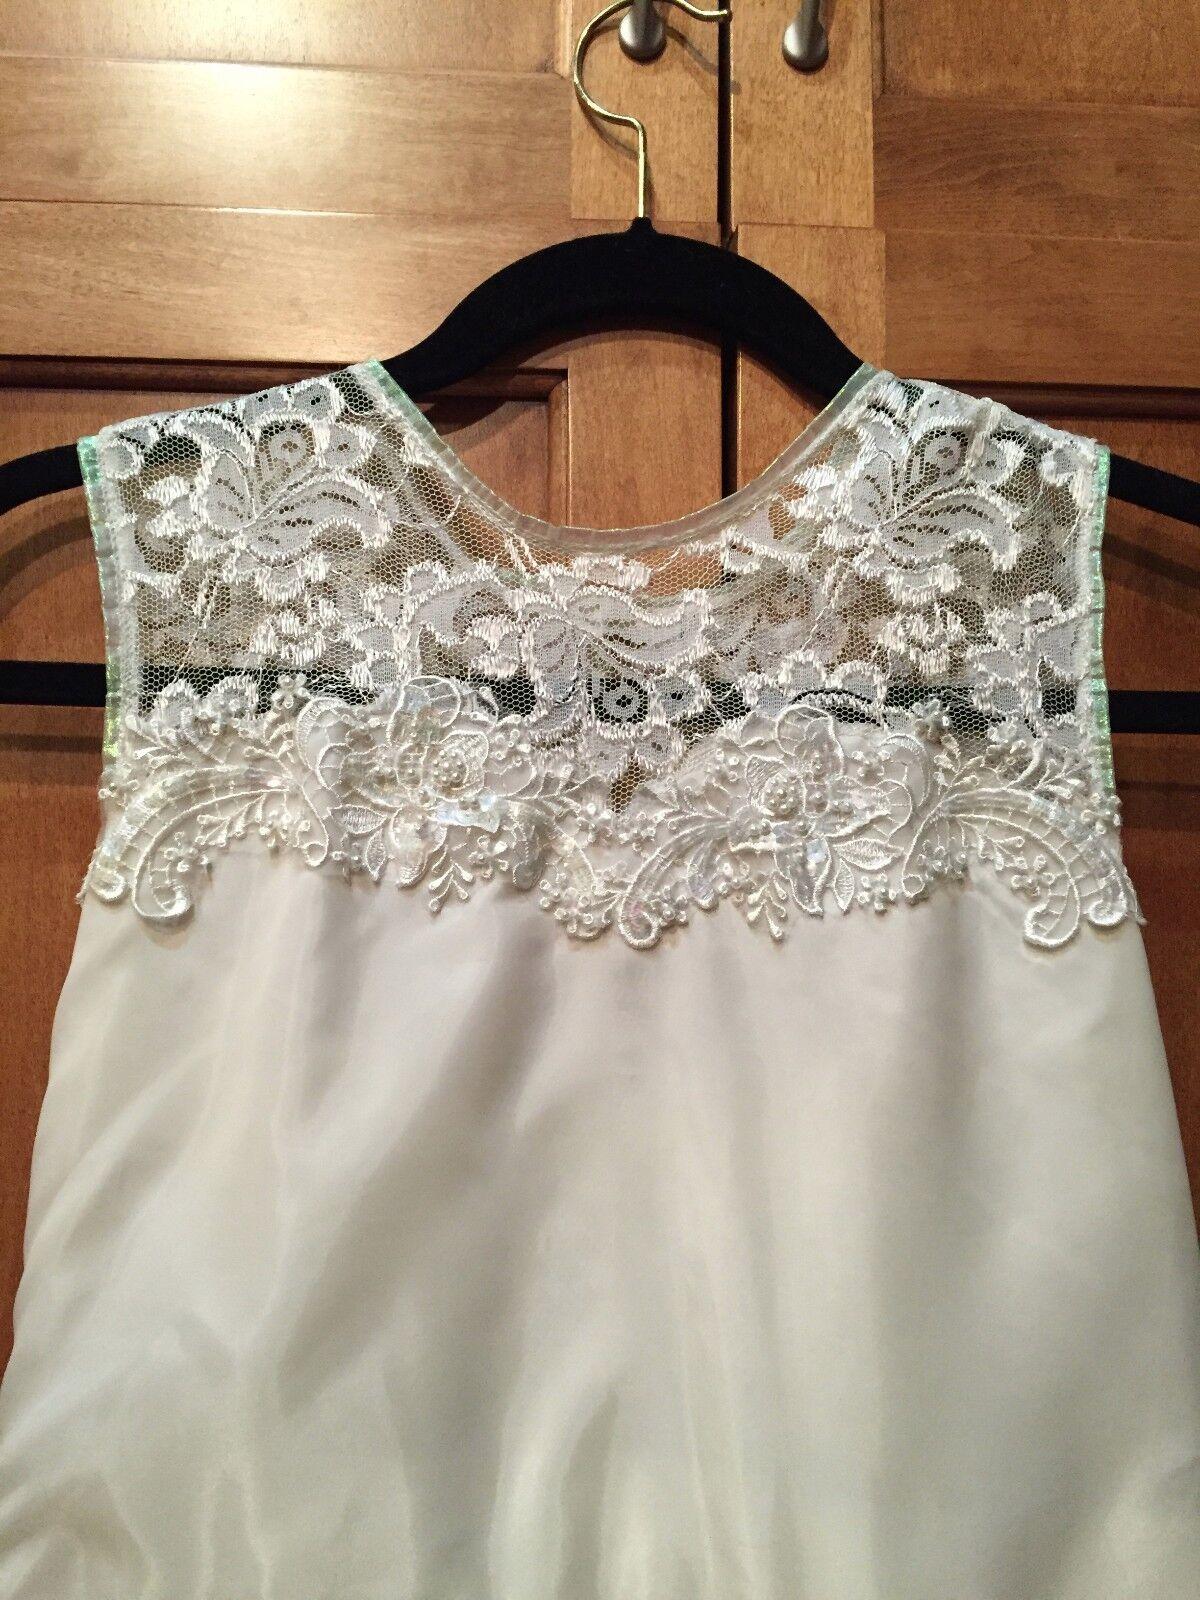 Vintage 60's Wedding Mini Dress - image 2